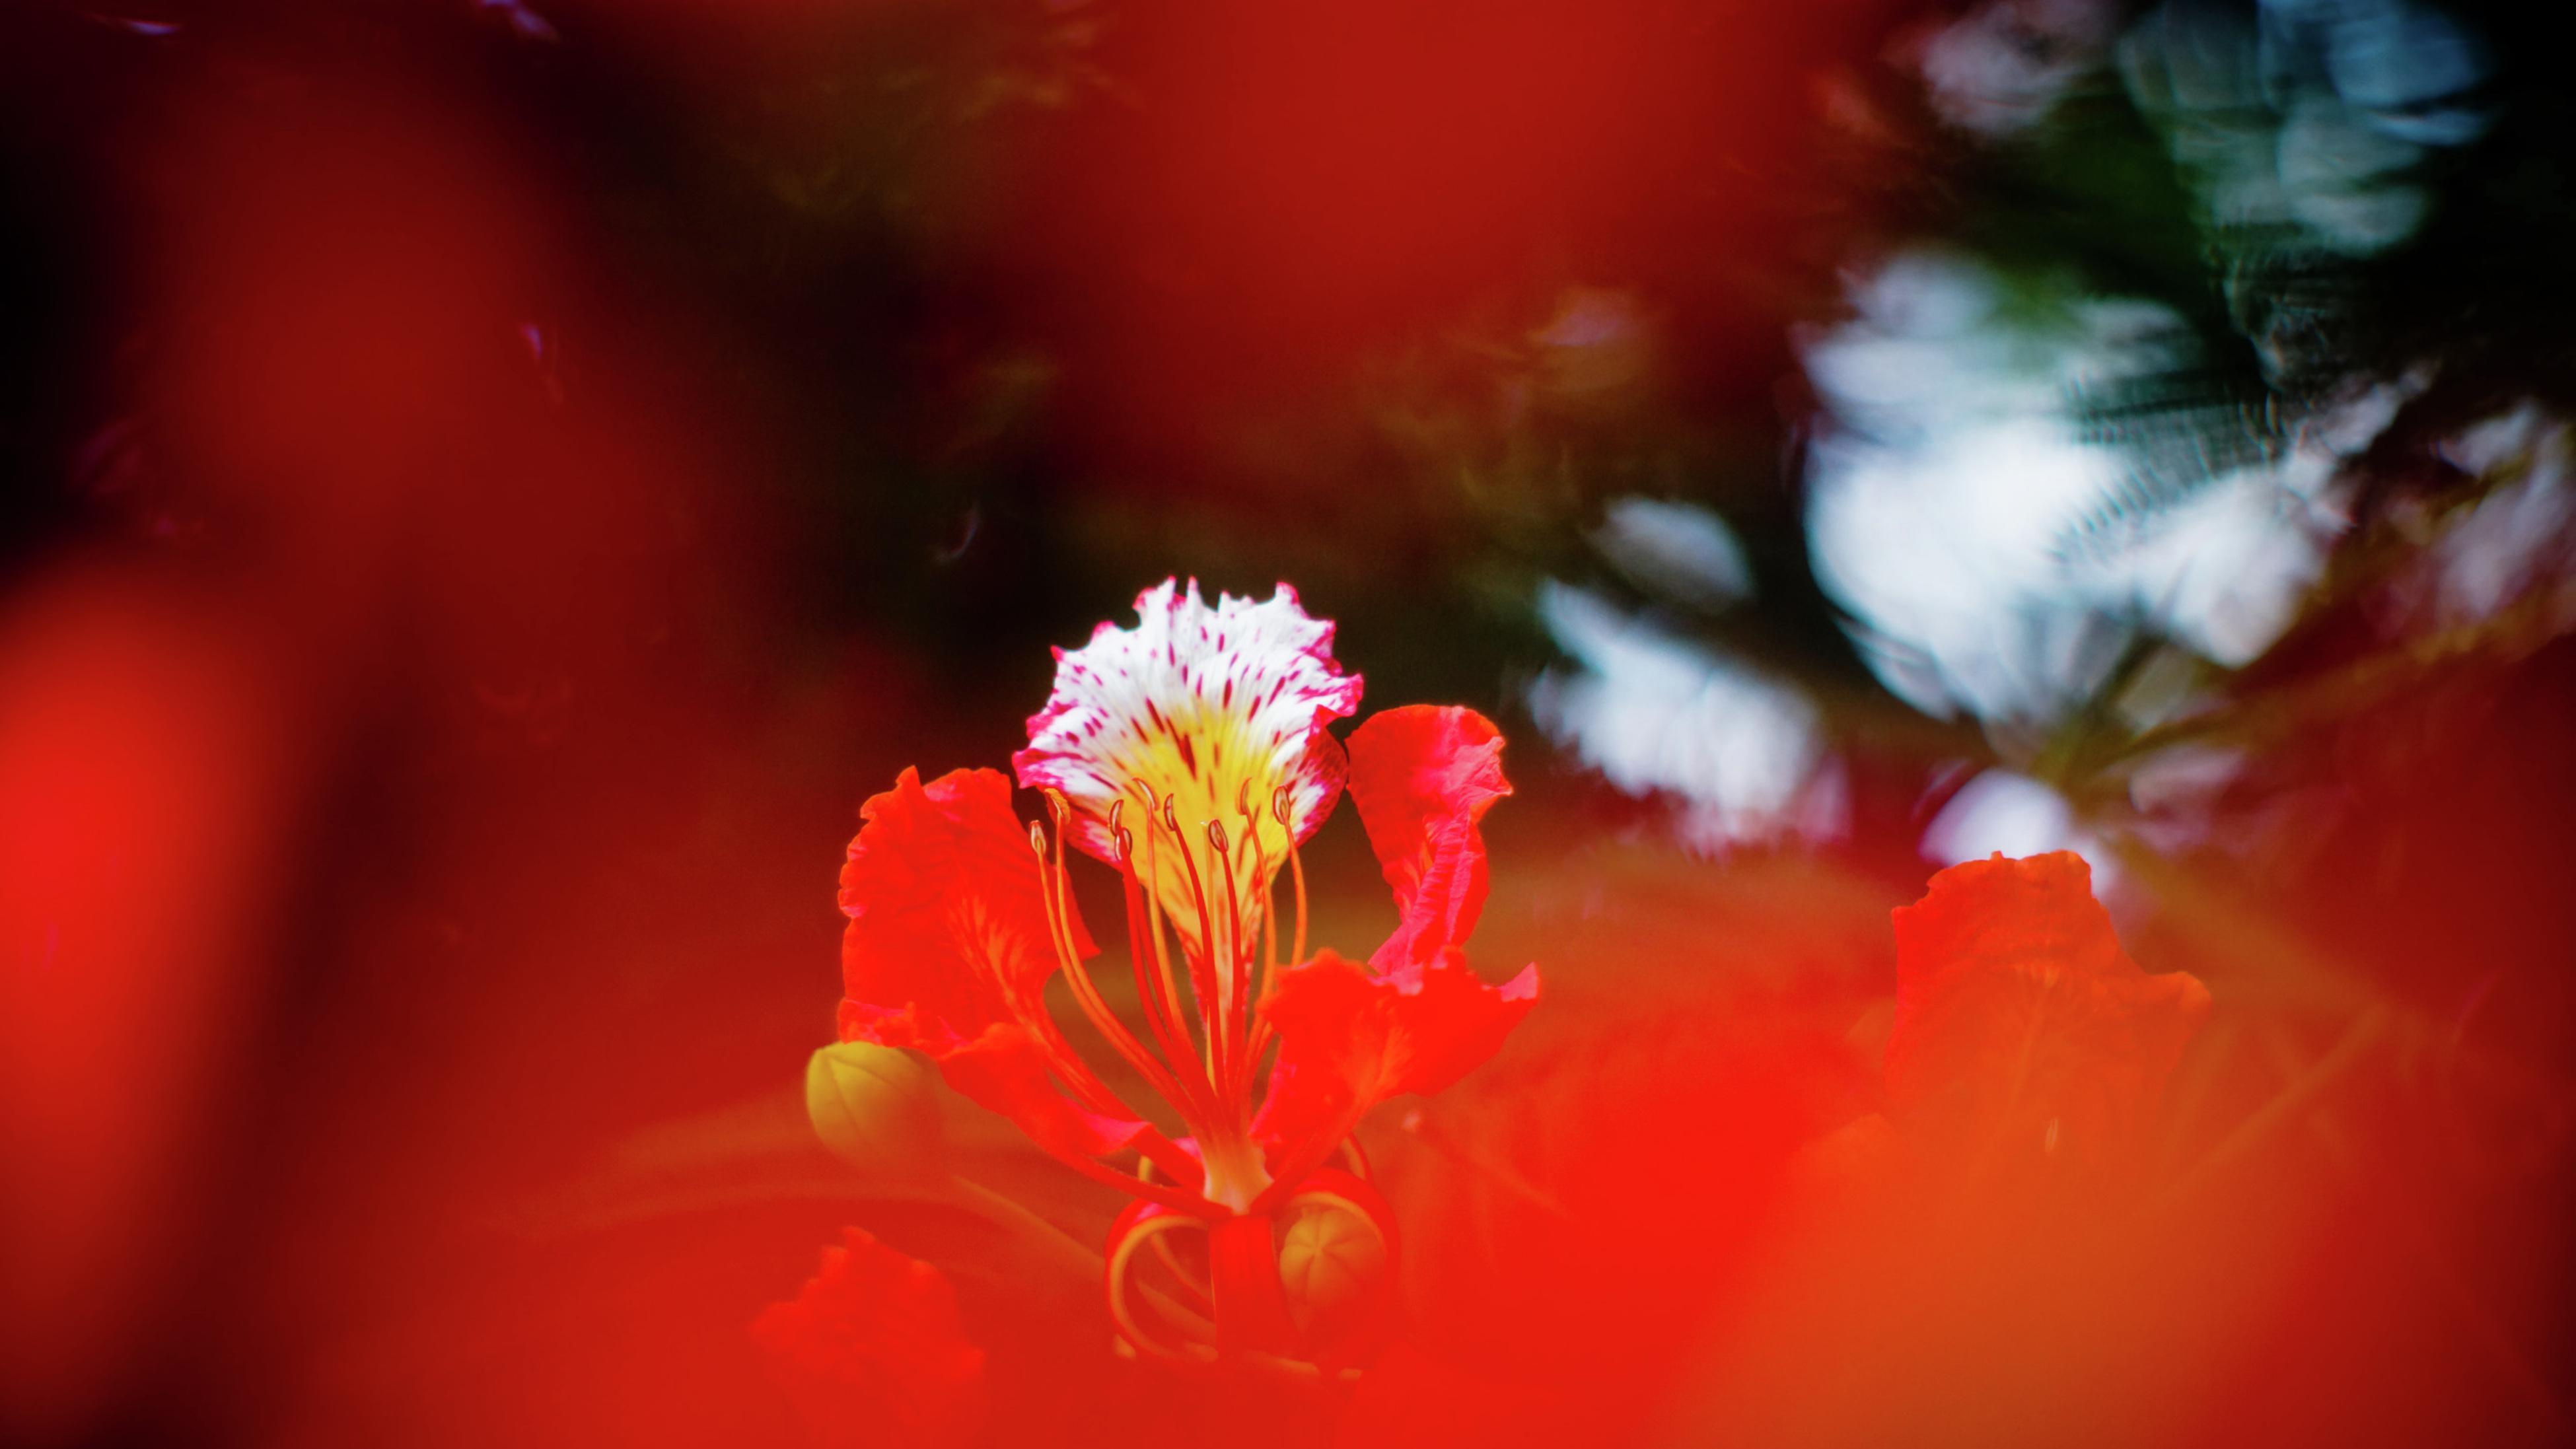 poinciana in flower